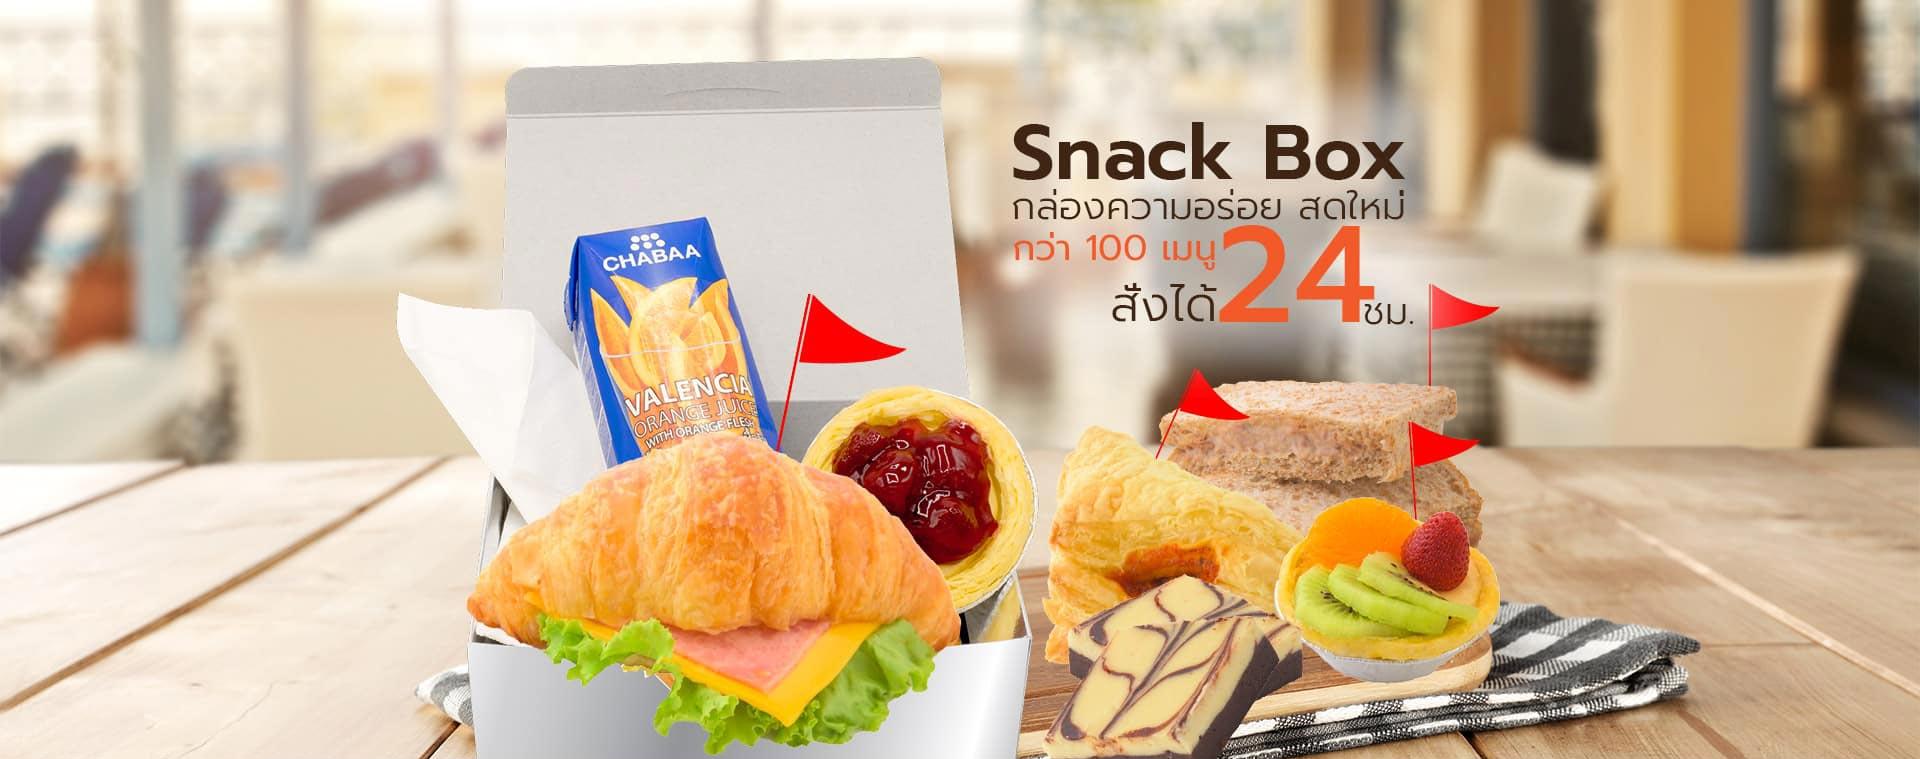 Snack Box อร่อย ราคาถูก เริ่มต้นเพียง 30 บาท